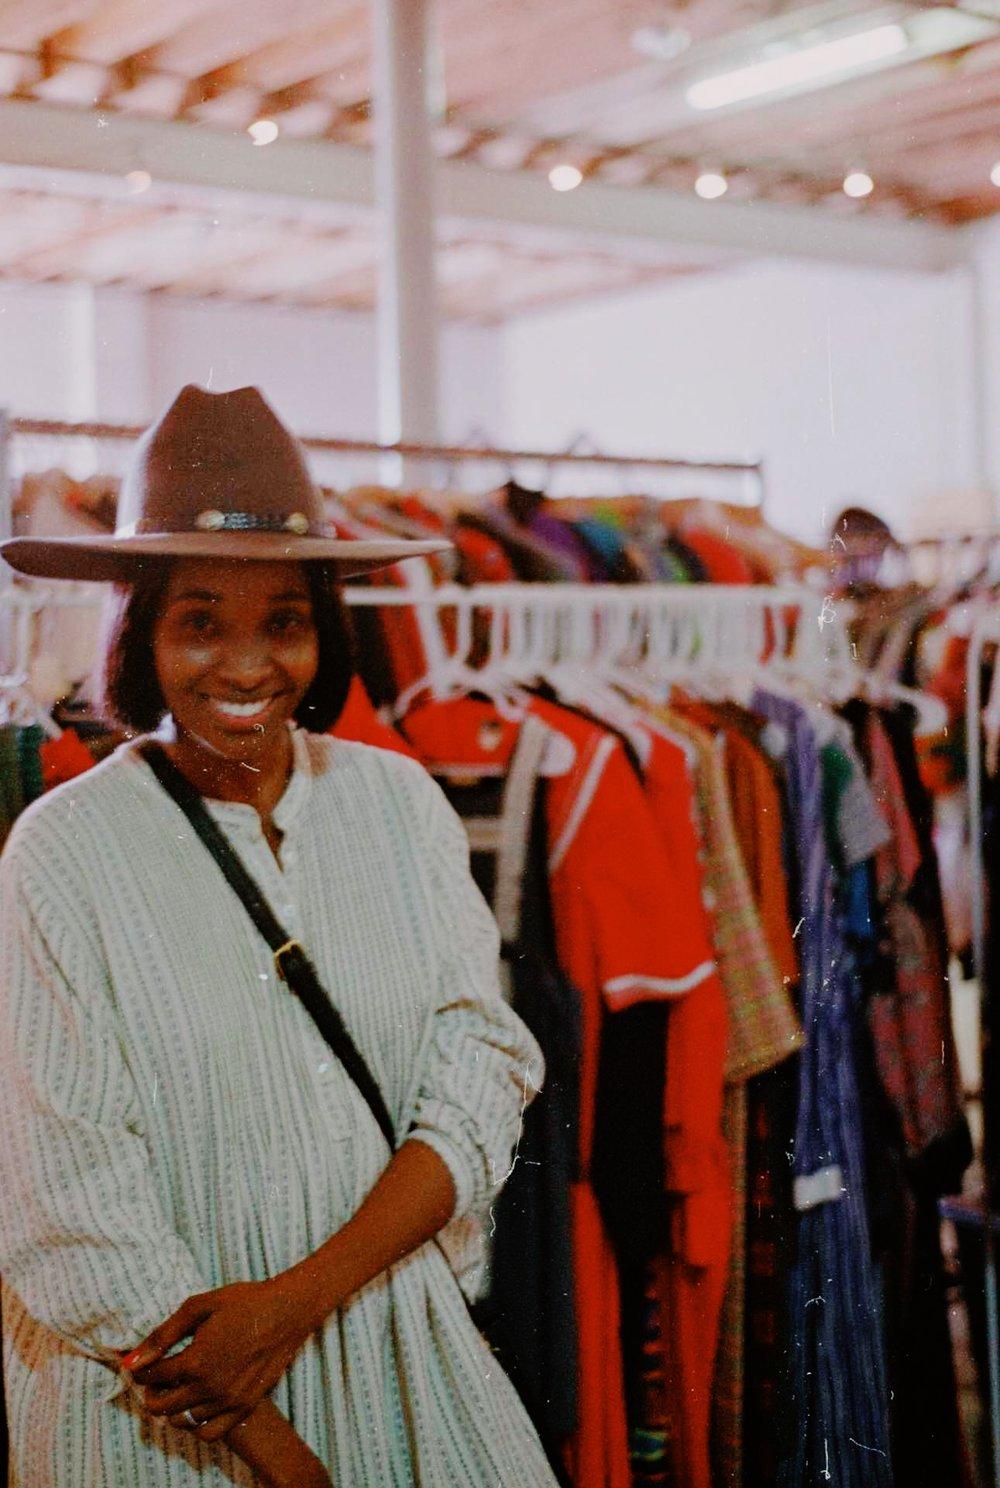 Seventh Row Vintage Laissez Fair